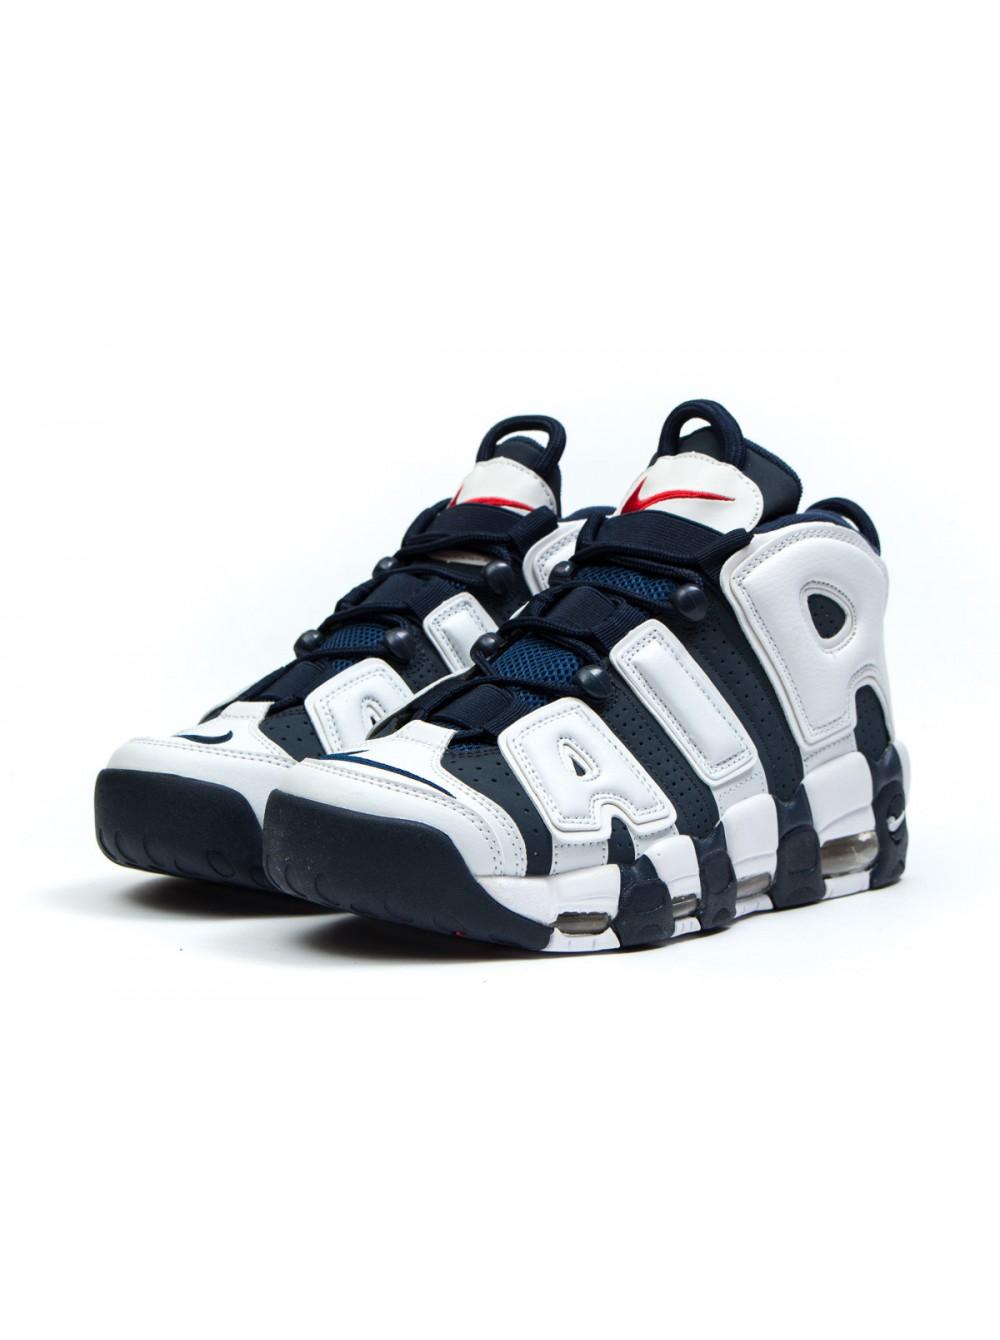 Мужские кроссовки Nike Air More Uptempo купить со скидкой в Киеве 5c818a7e23ea5